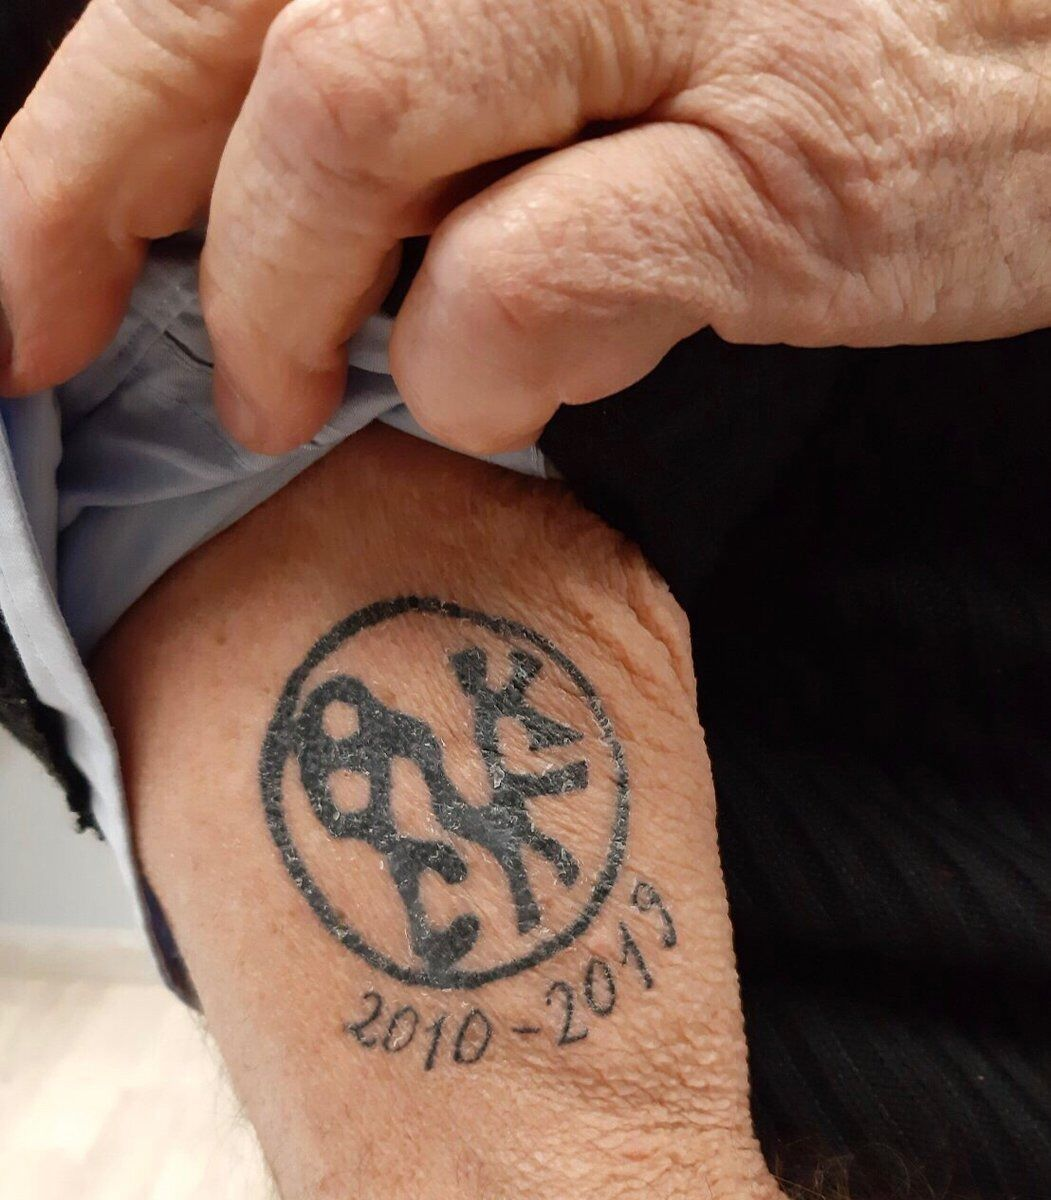 Το νέο τατουάζ που «χτύπησε» ο Γιάννης Μπουτάρης